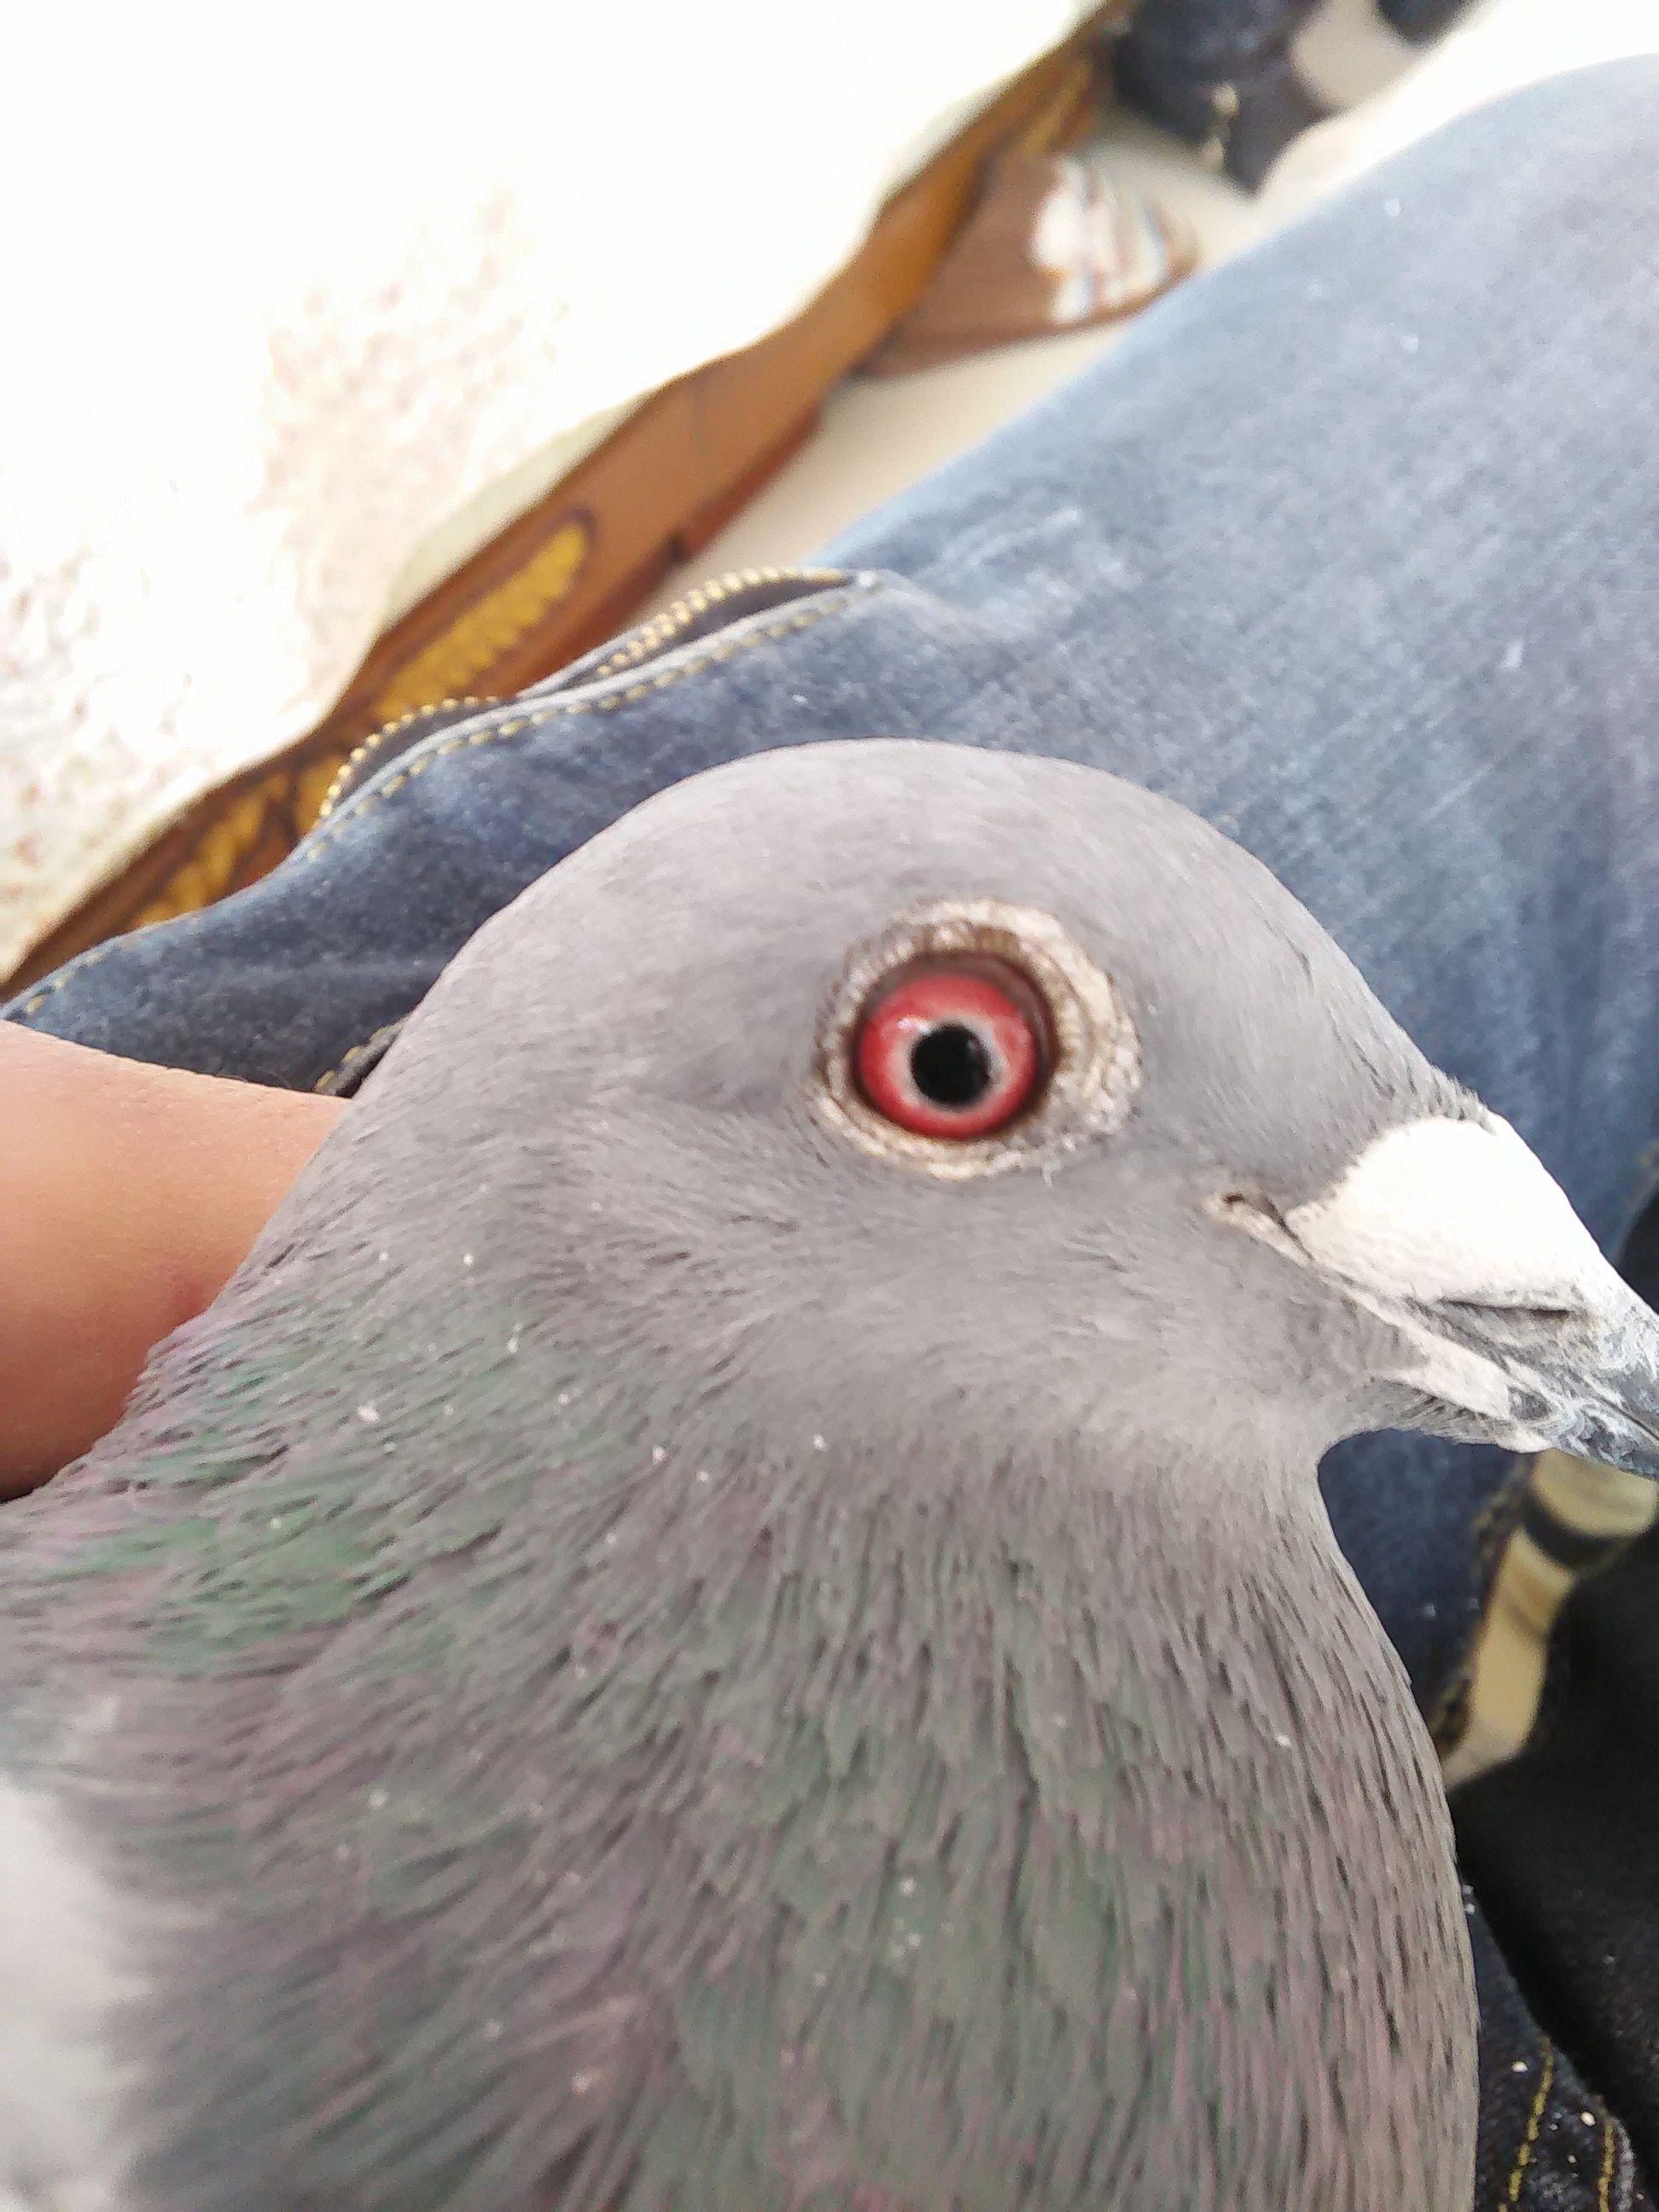 观赏鸽子品种大全_鸽子品种大全图片-鸽子种类名称及图片,观赏鸽子品种大全图片 ...